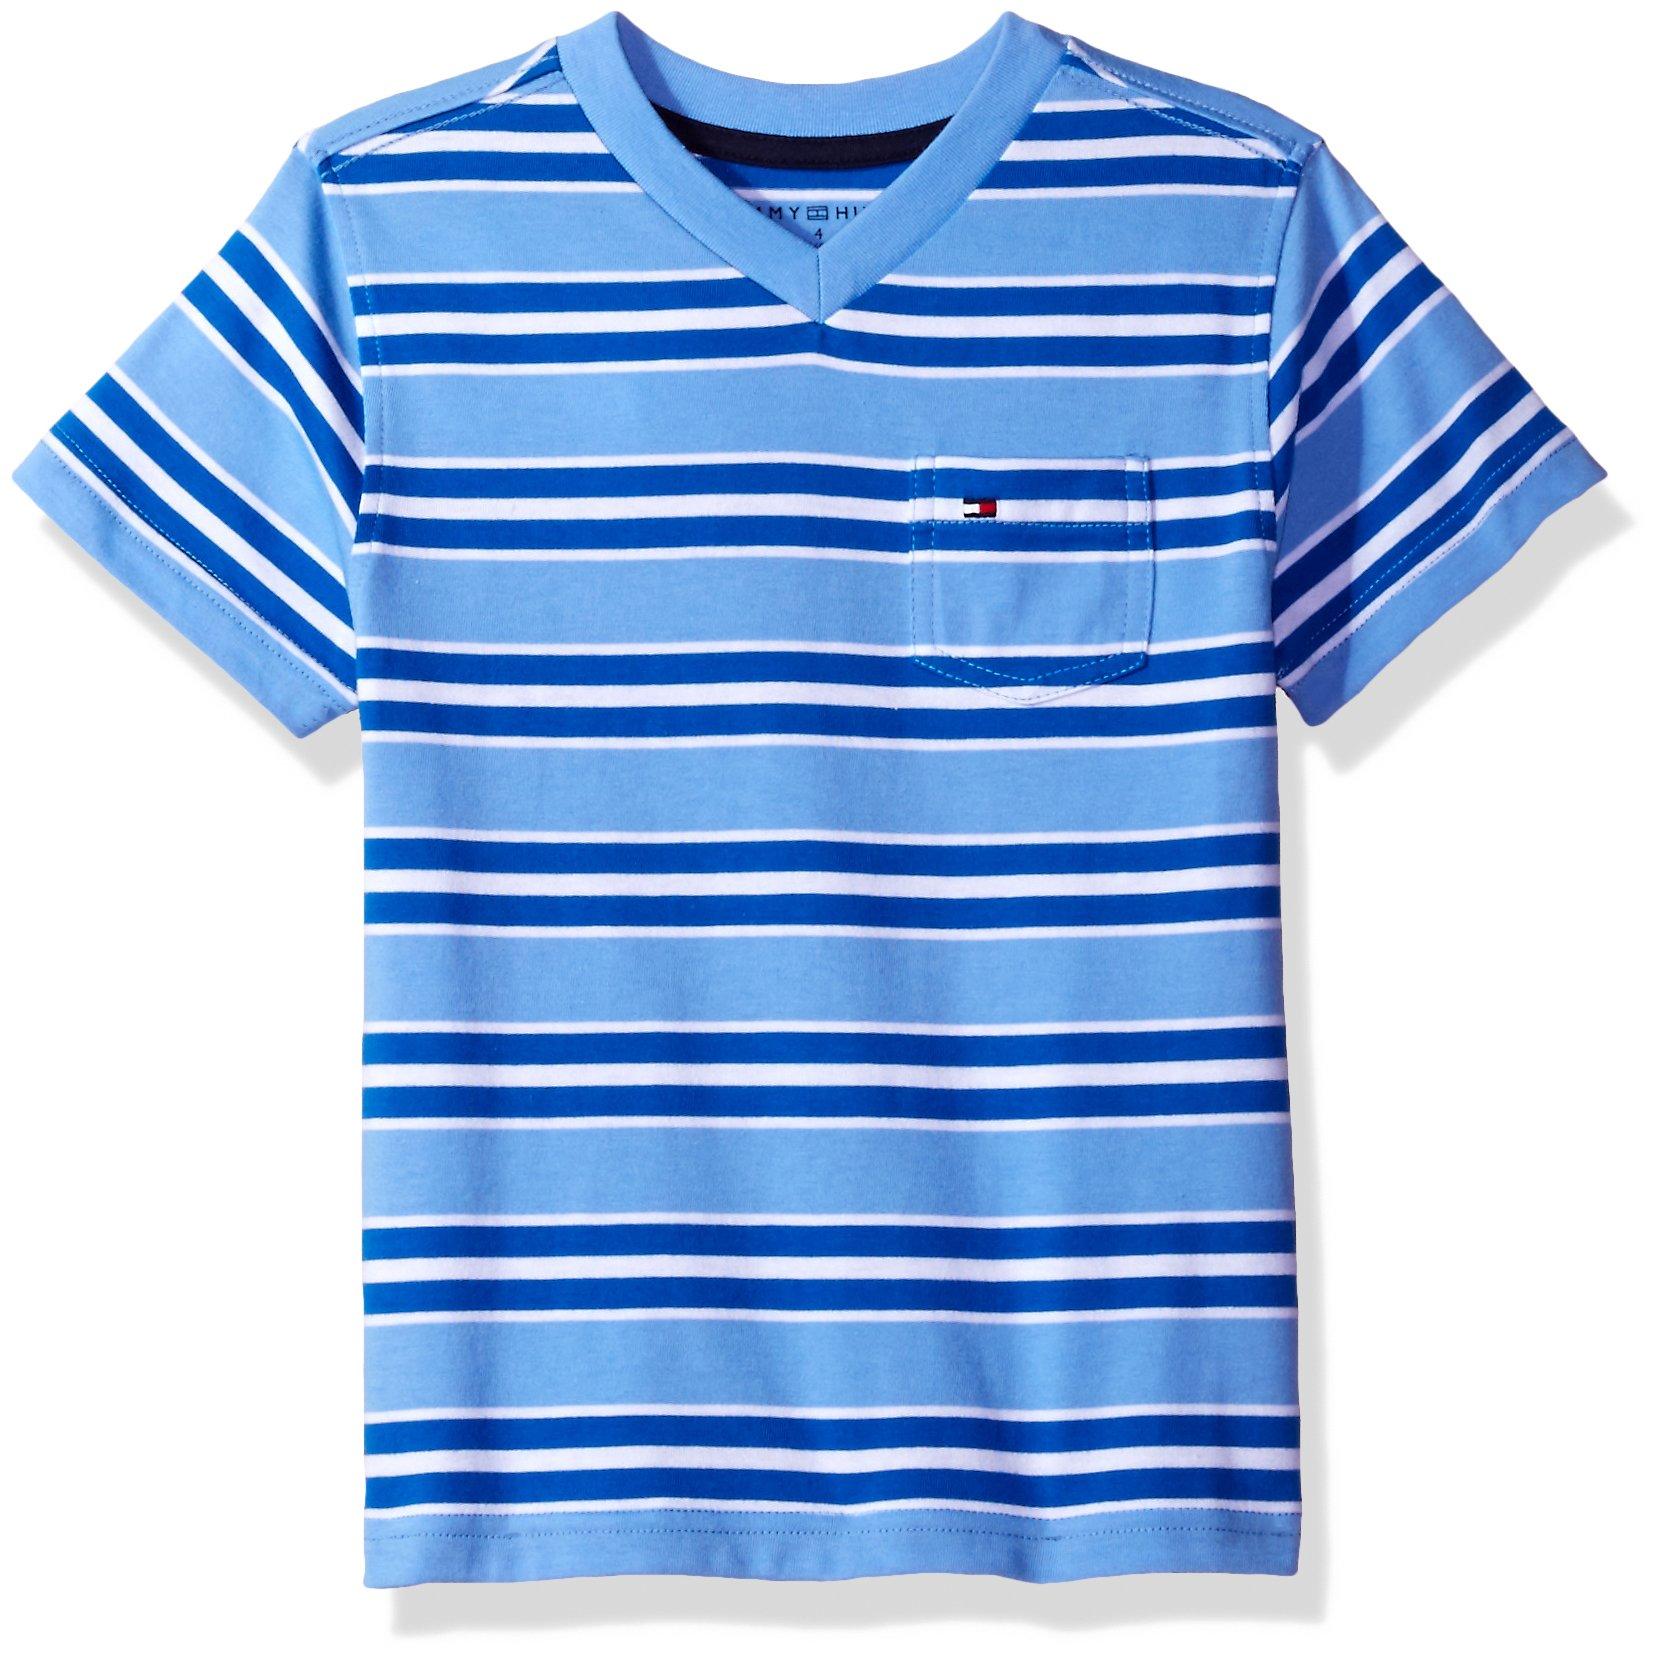 Tommy Hilfiger Big Boys' Bruce Stripe Vneck Tee with Pocket, Summer Blue, Large (16/18)